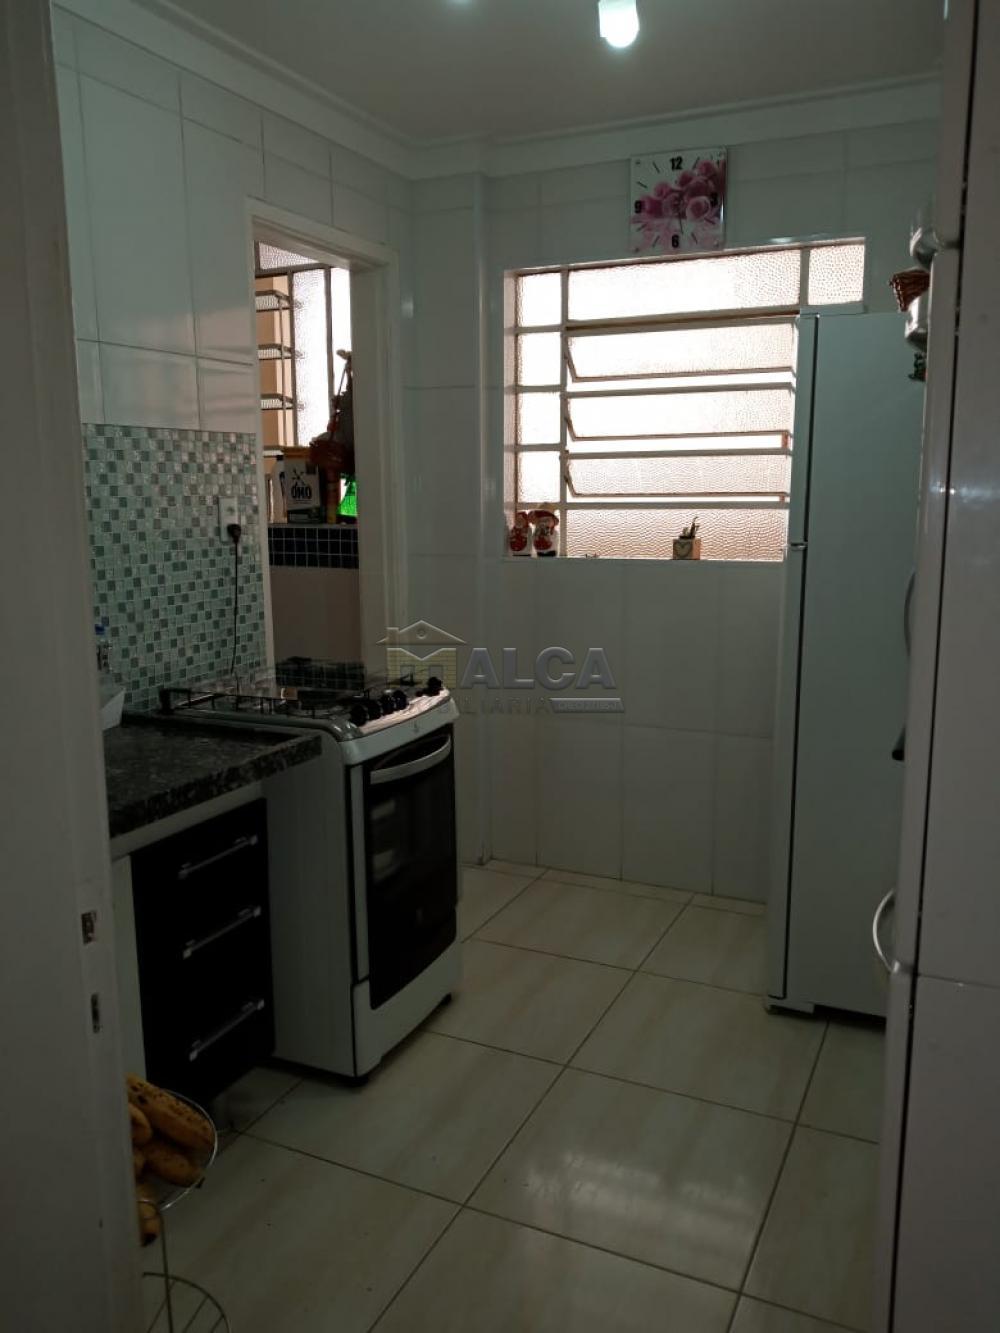 Comprar Apartamentos / Padrão em São Paulo R$ 350.000,00 - Foto 11